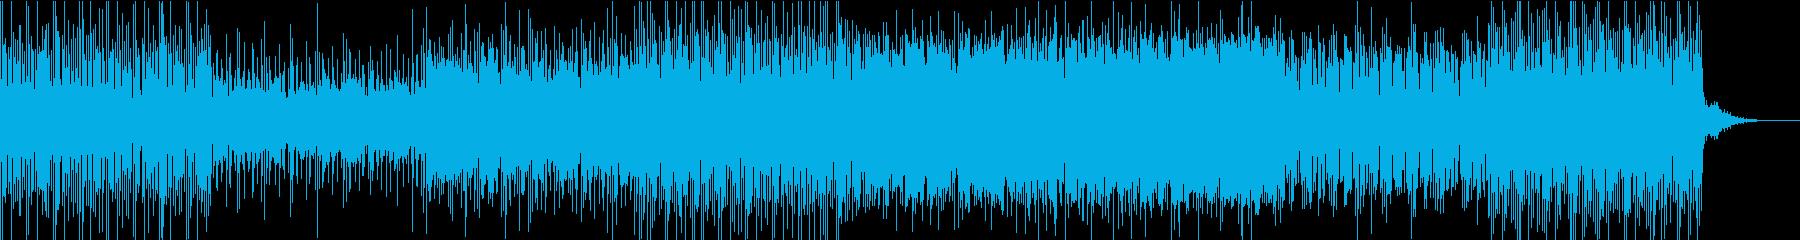 牧歌的シンセサイザーミュージックの再生済みの波形